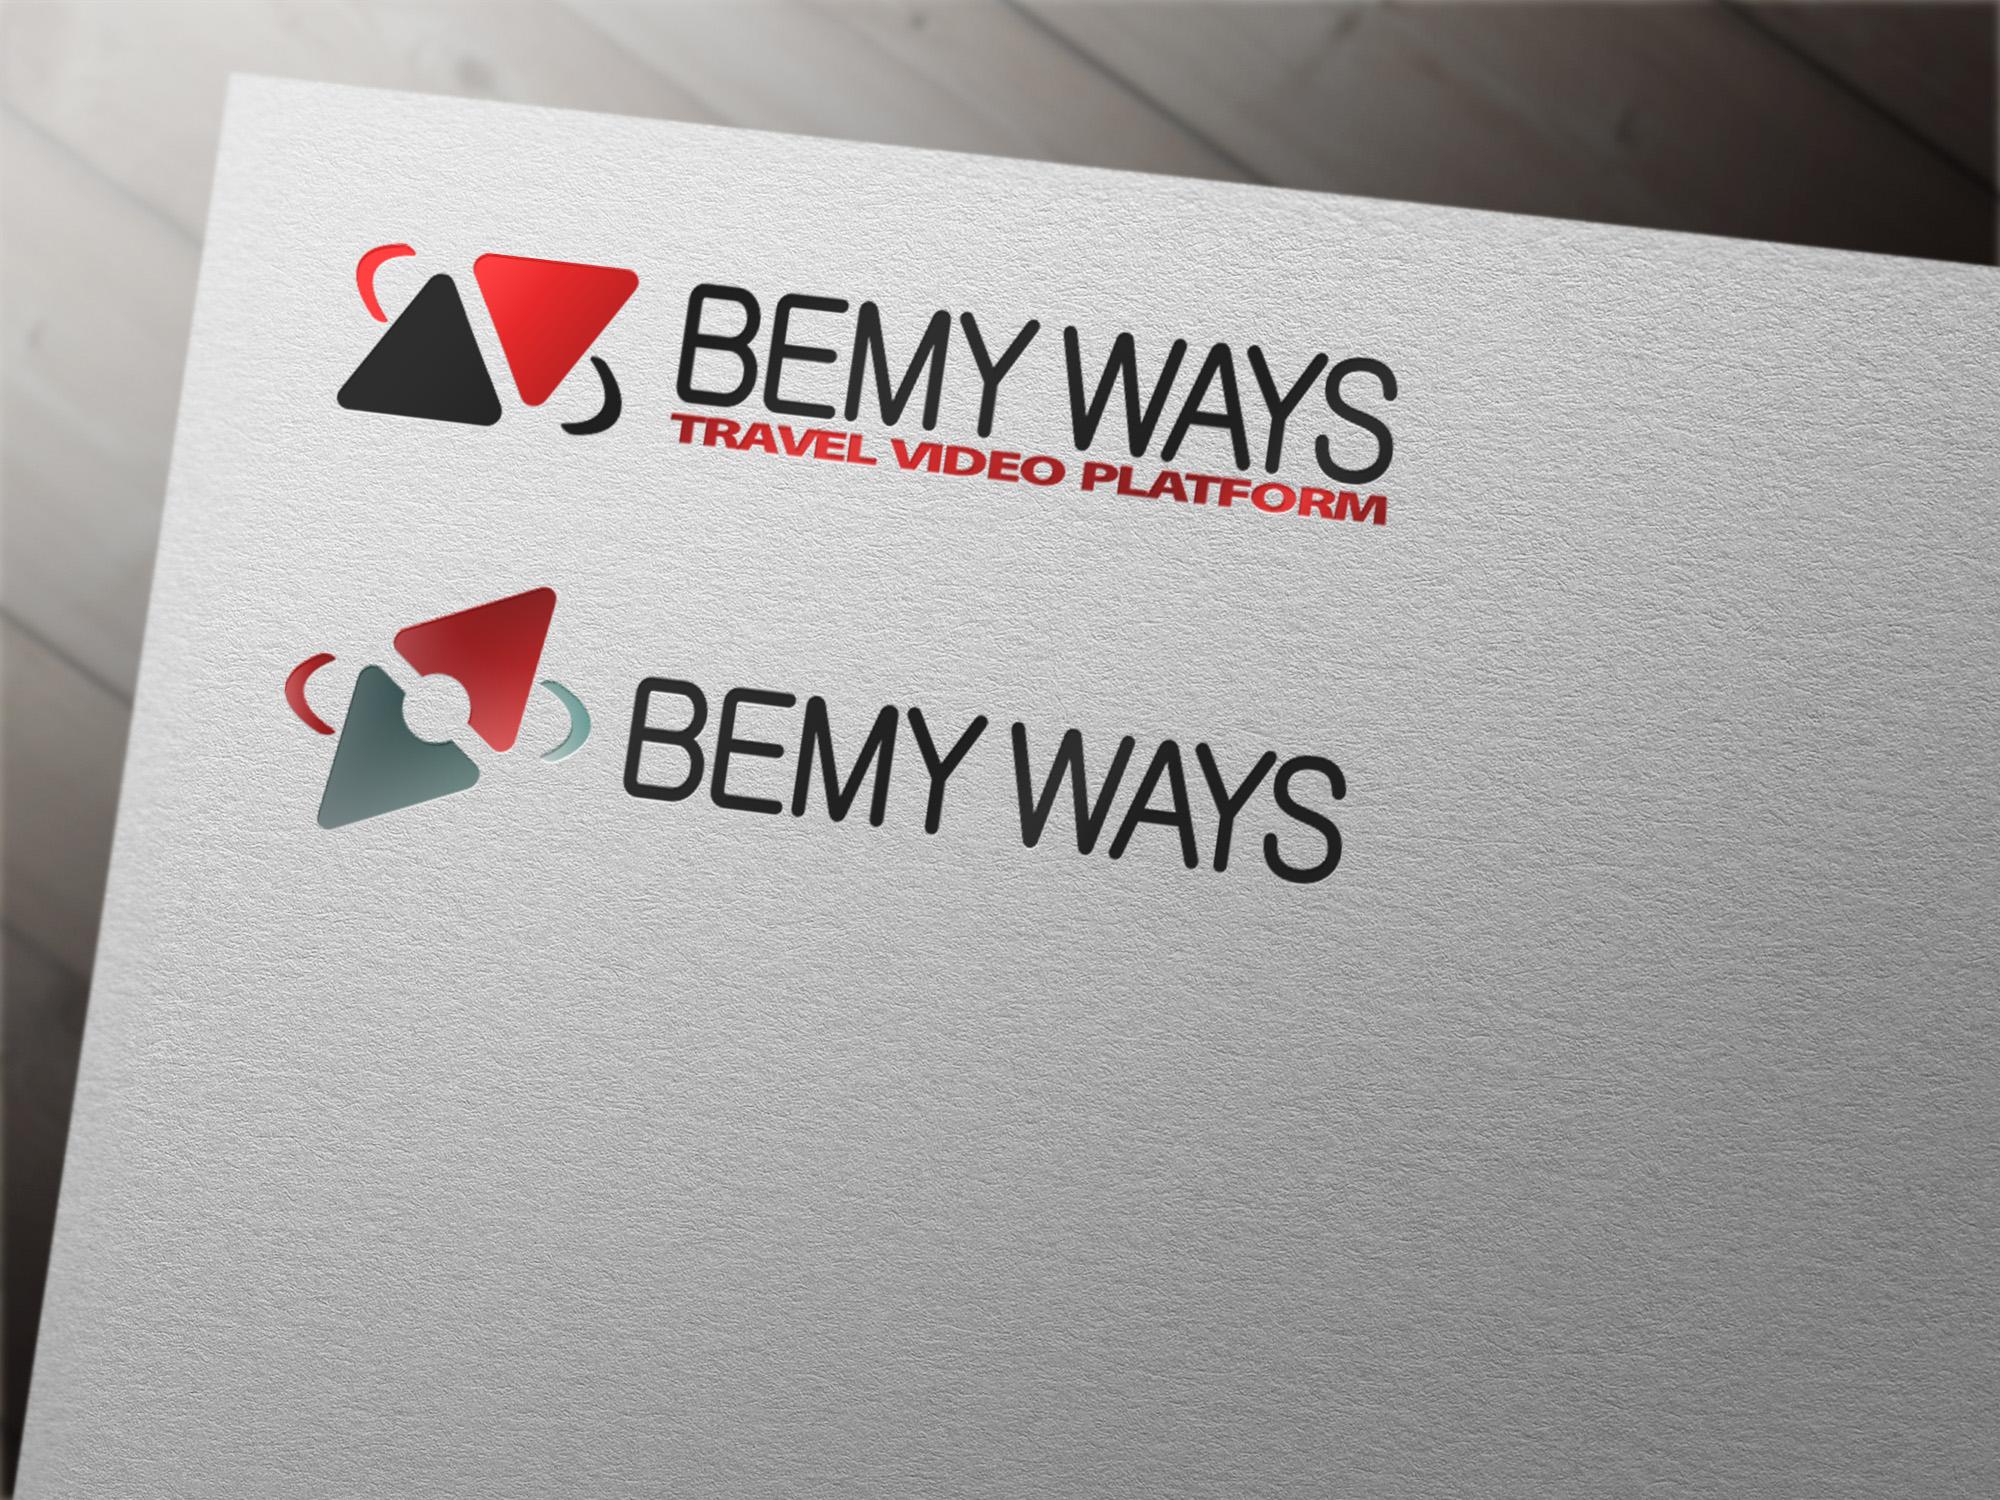 Разработка логотипа и иконки для Travel Video Platform фото f_0075c3c7de9d15c6.jpg